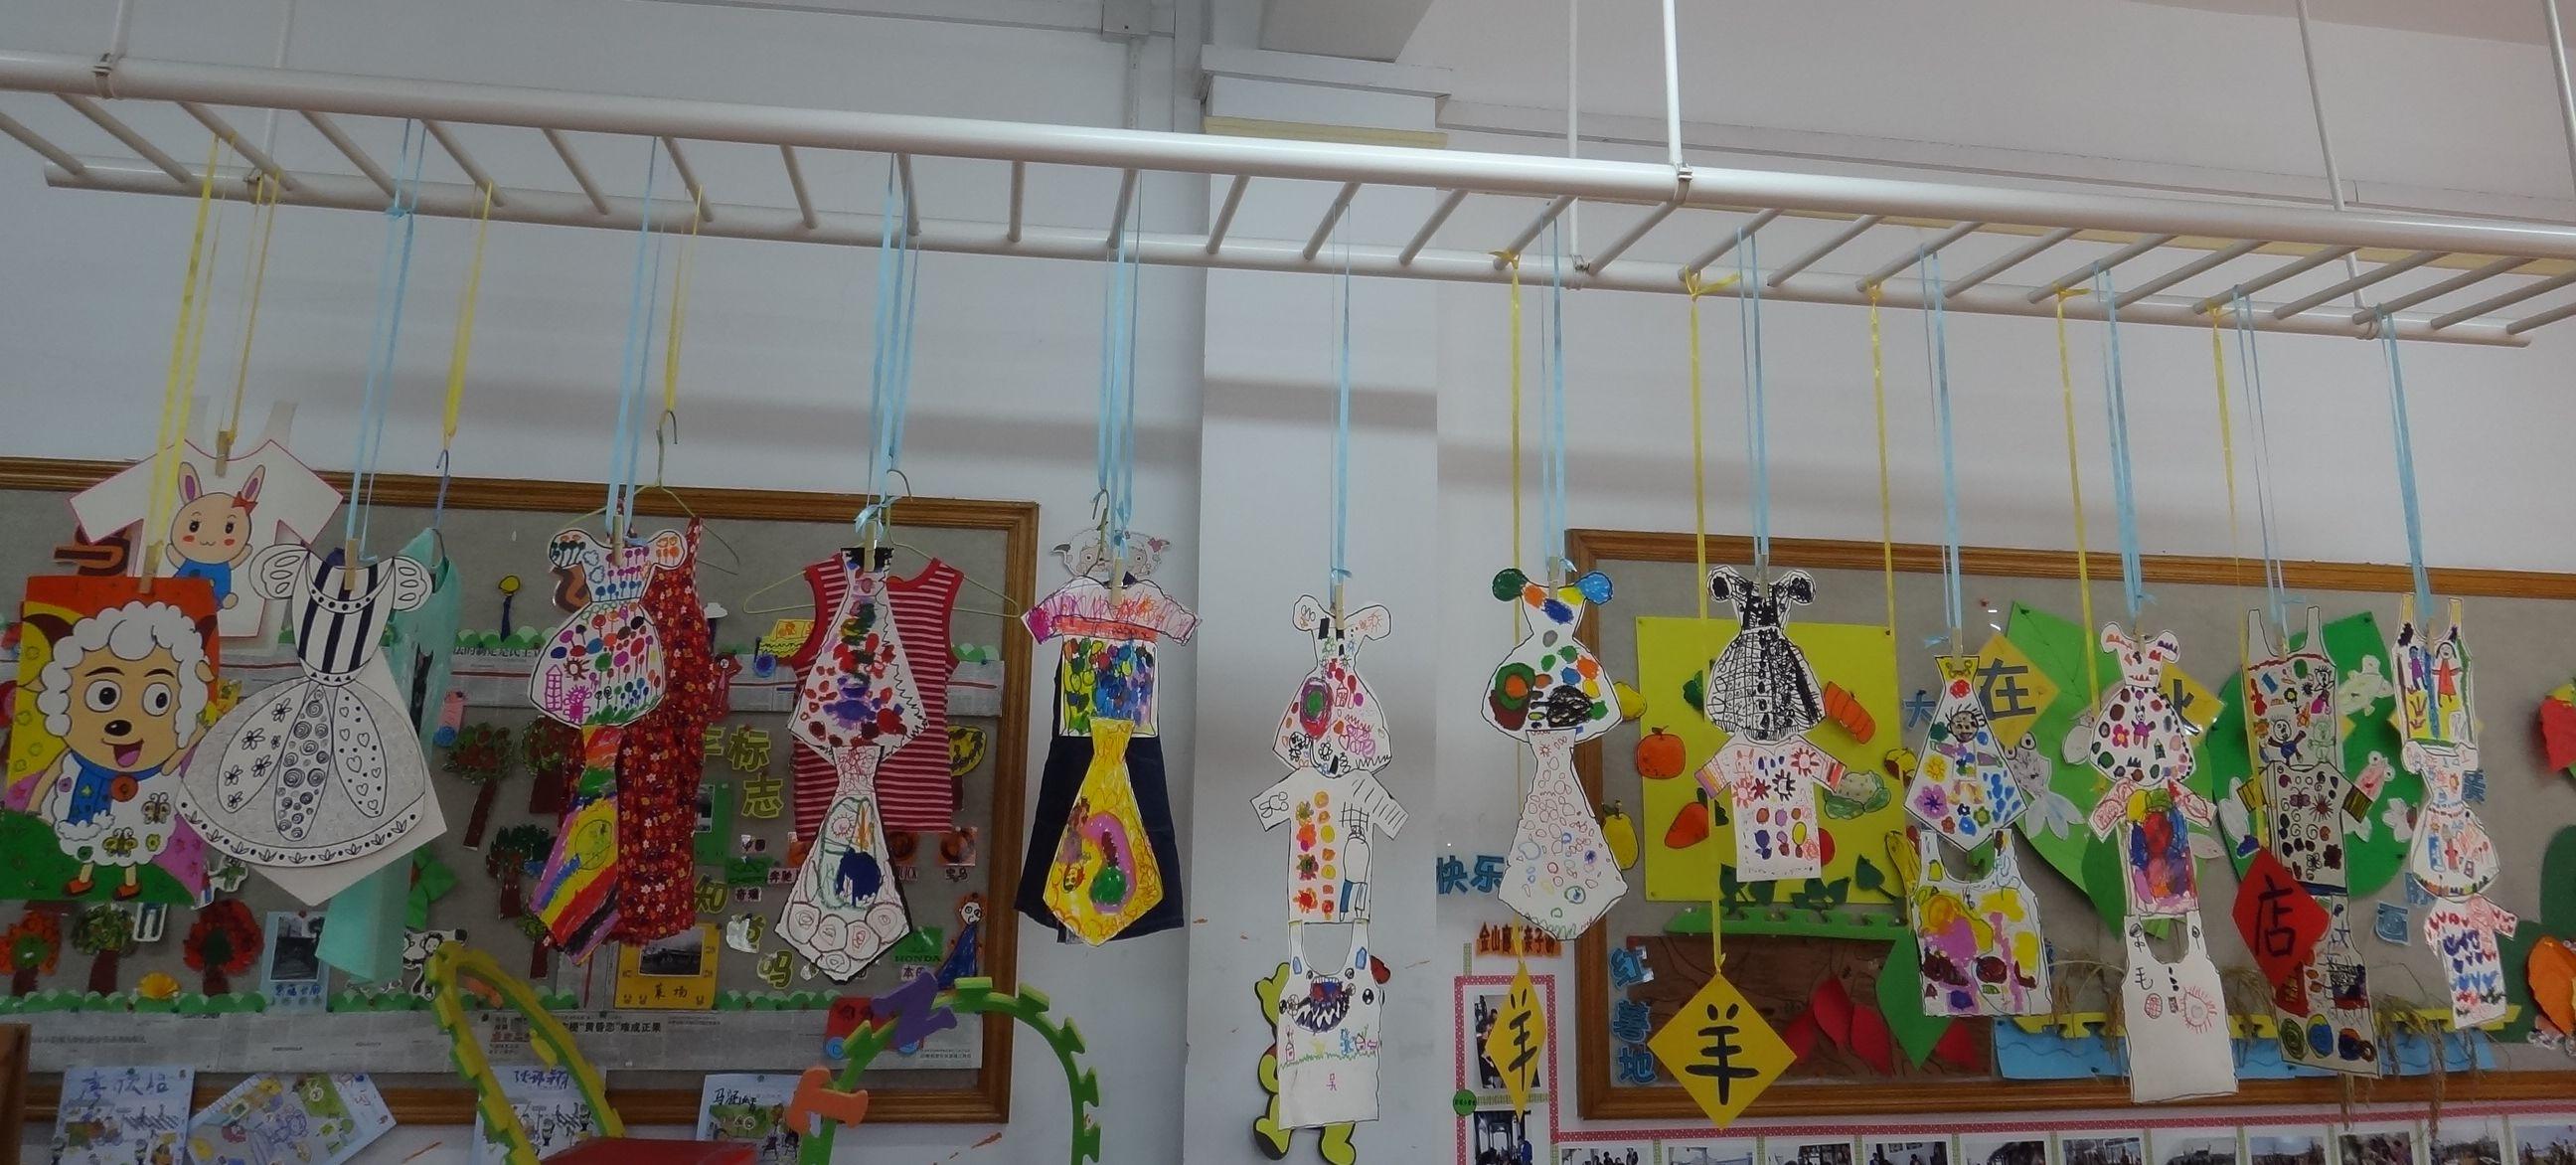 幼儿园服装主题墙